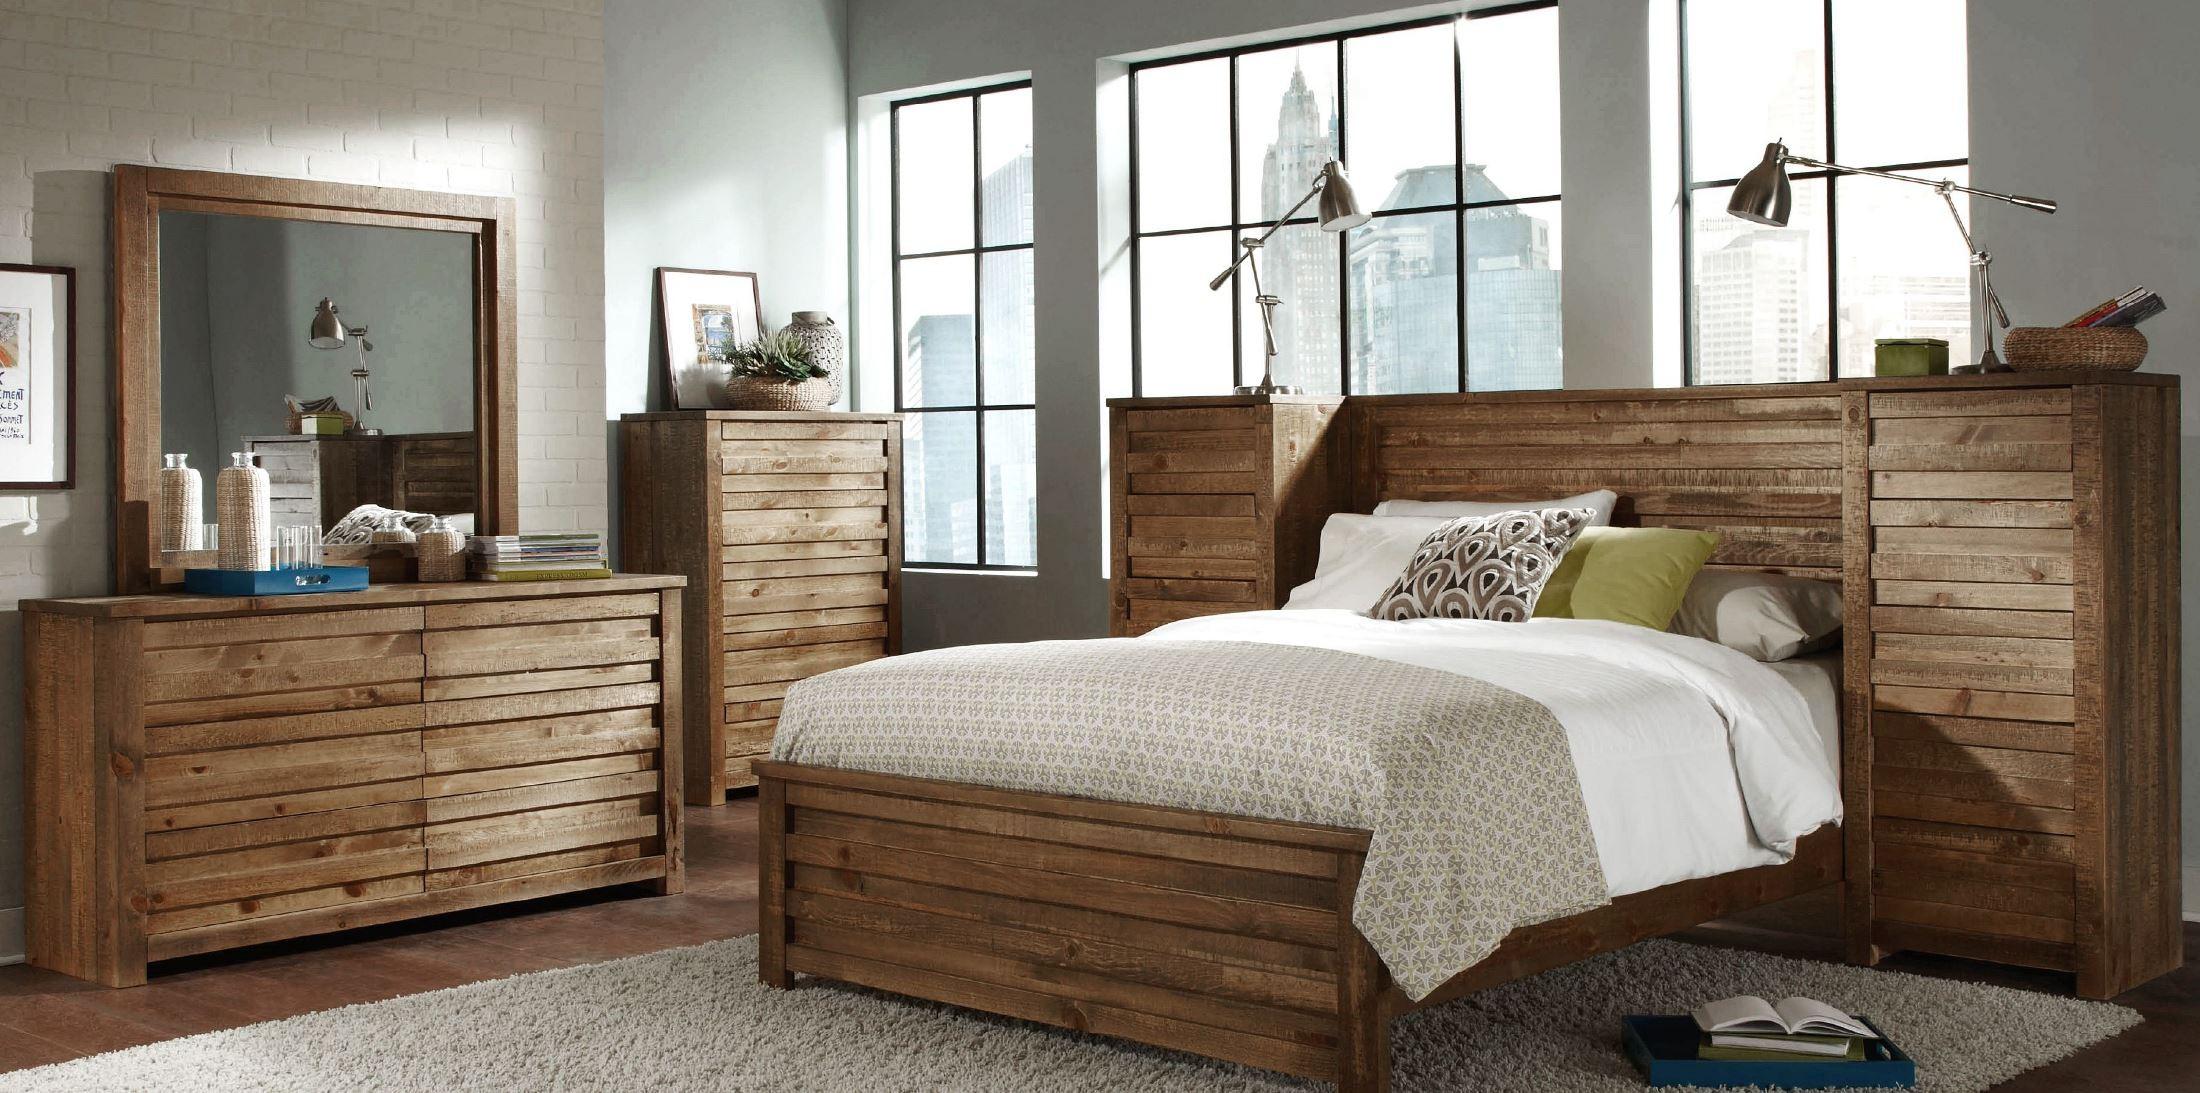 melrose driftwood panel bedroom set from progressive furniture coleman furniture. Black Bedroom Furniture Sets. Home Design Ideas